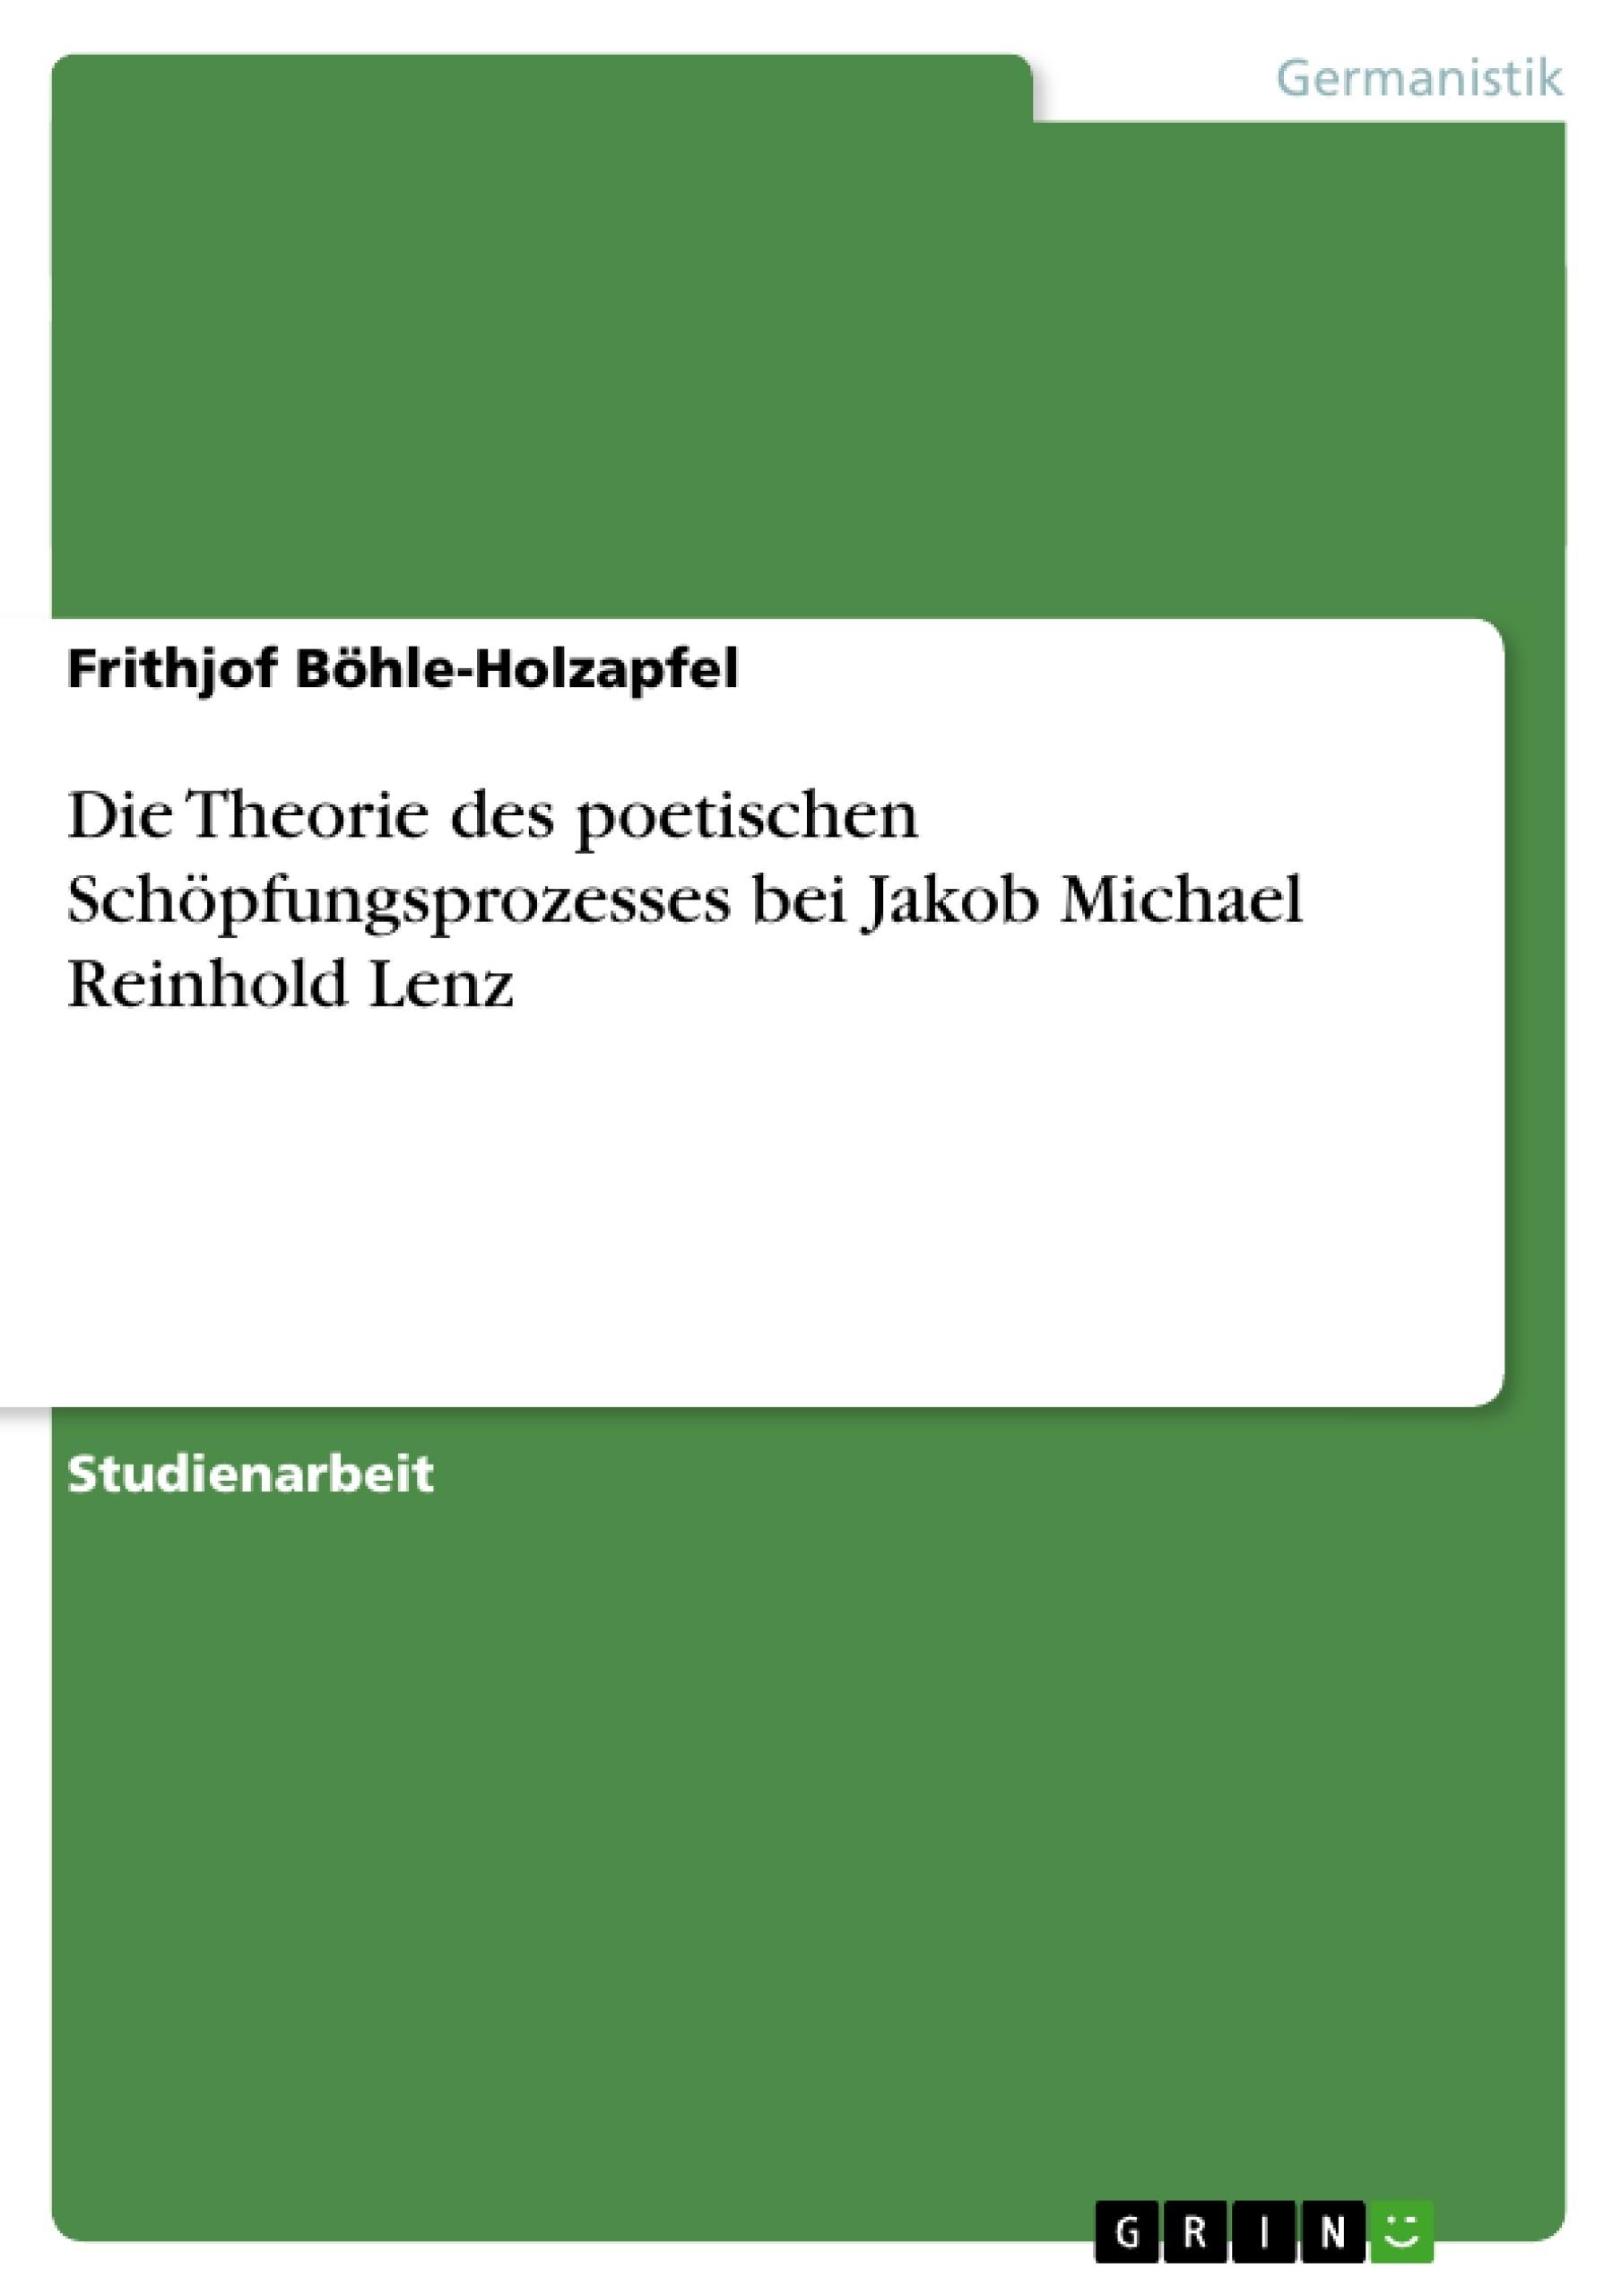 Titel: Die Theorie des poetischen Schöpfungsprozesses bei Jakob Michael Reinhold Lenz